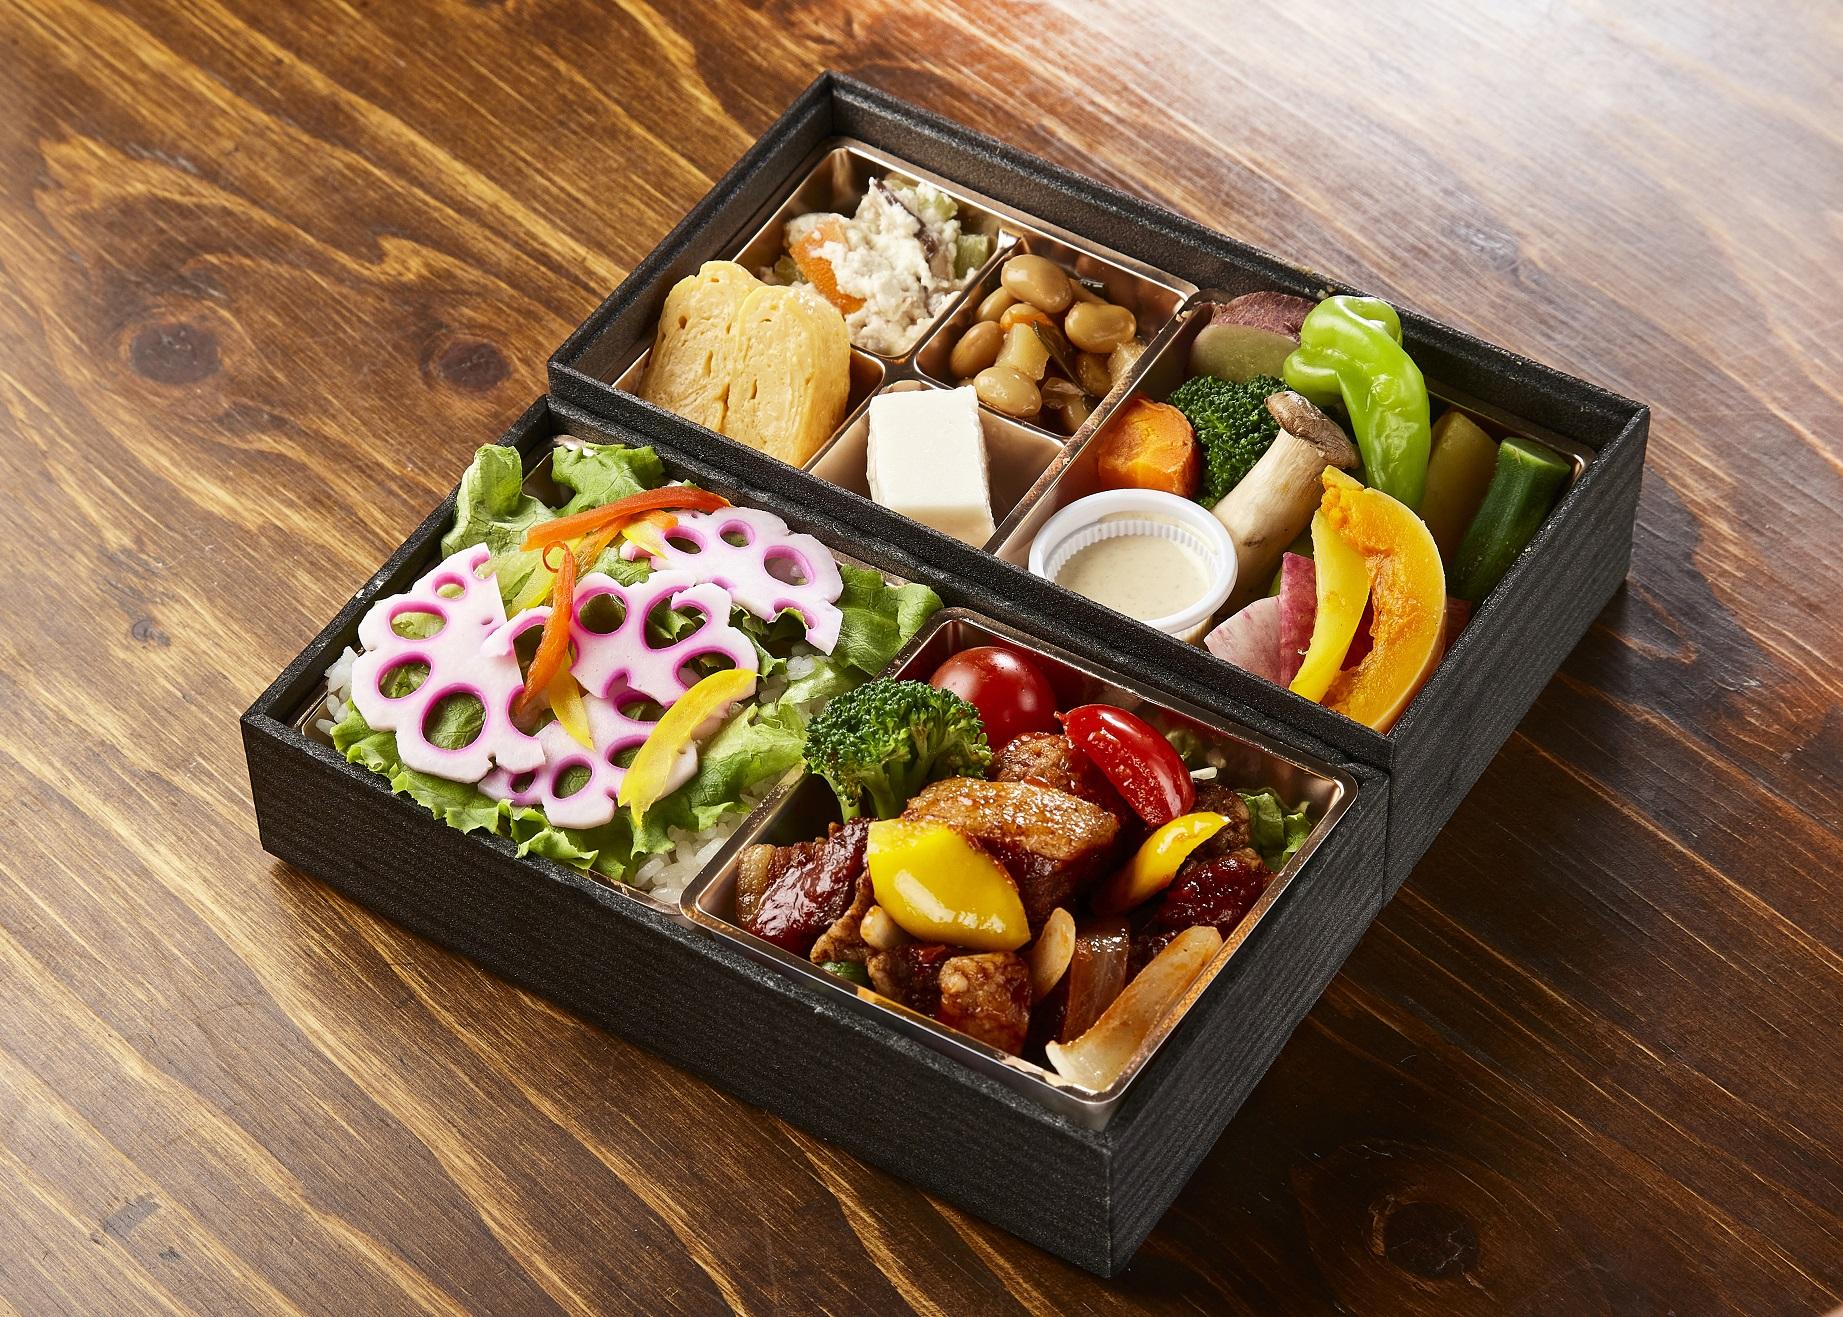 F.黒酢酢豚と野菜のバーニャカウダー弁当